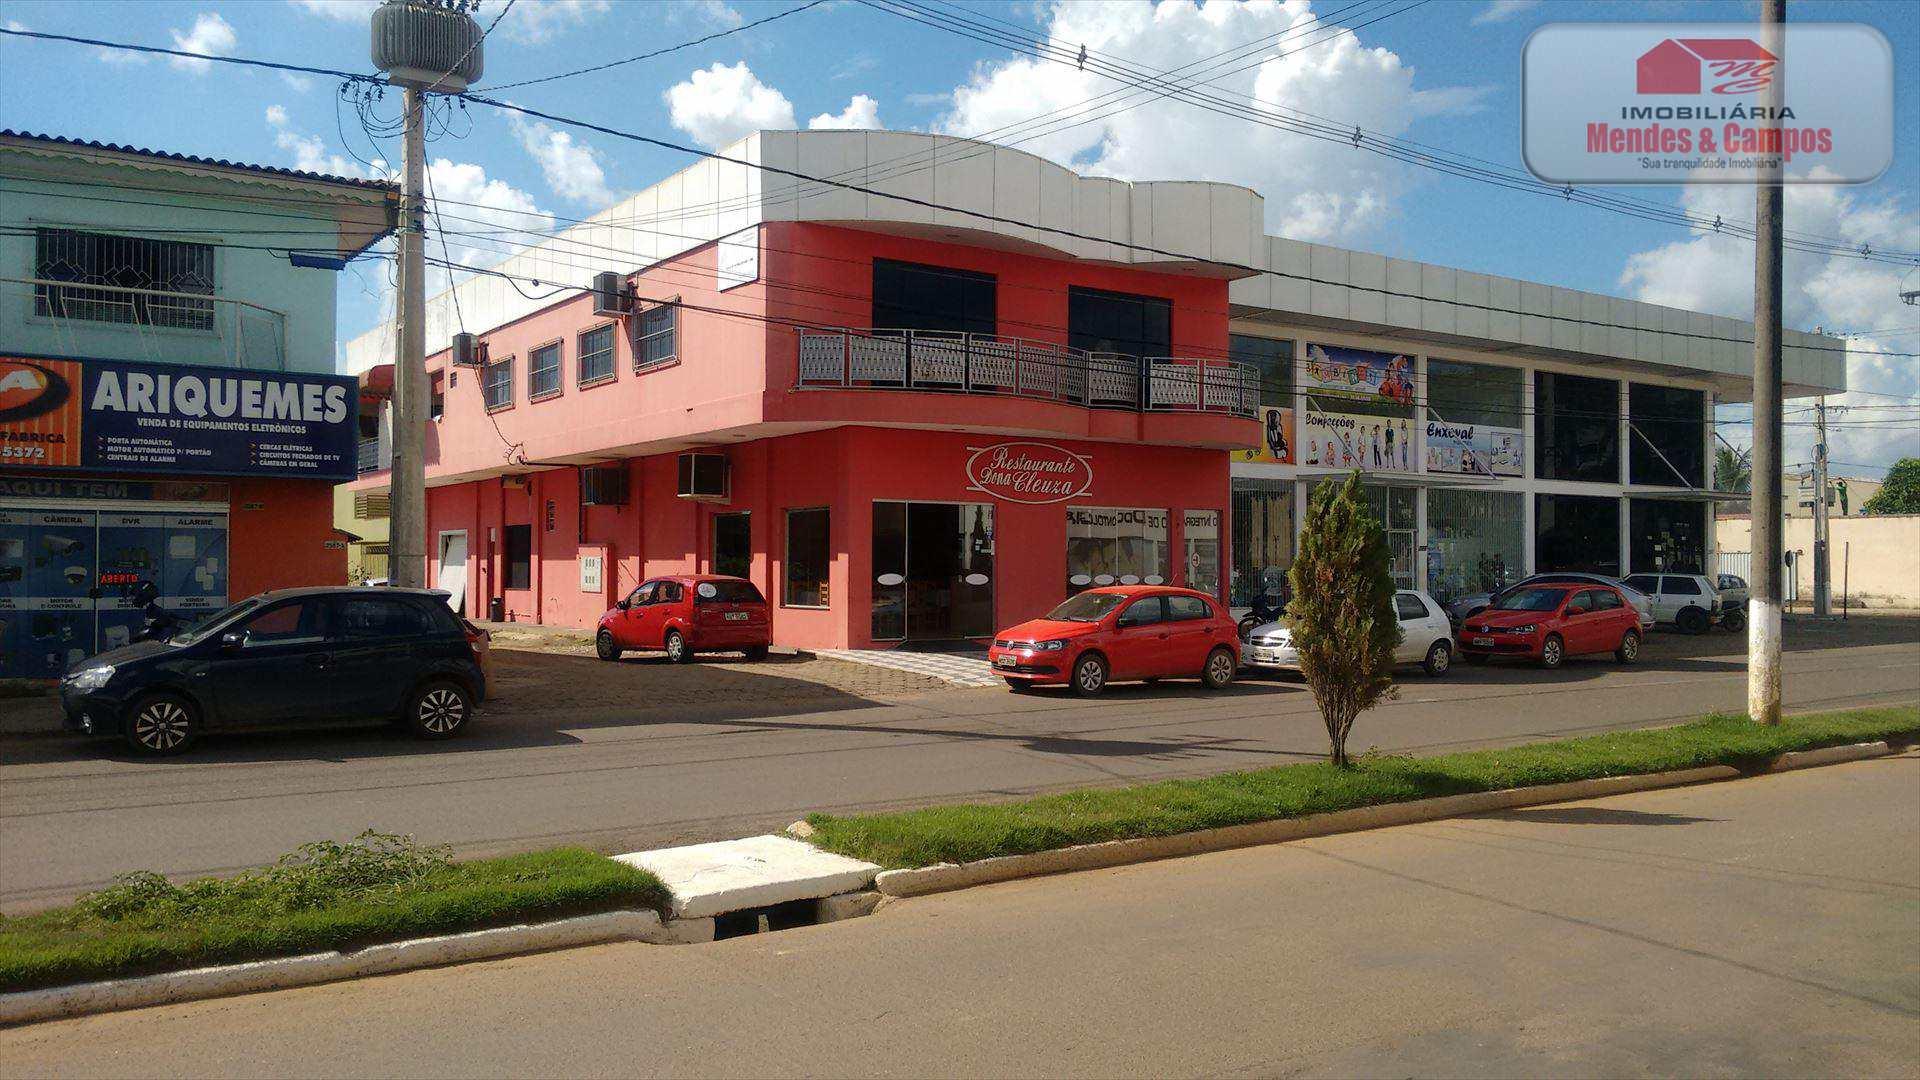 Conjunto Comercial em Ariquemes bairro Setor 03